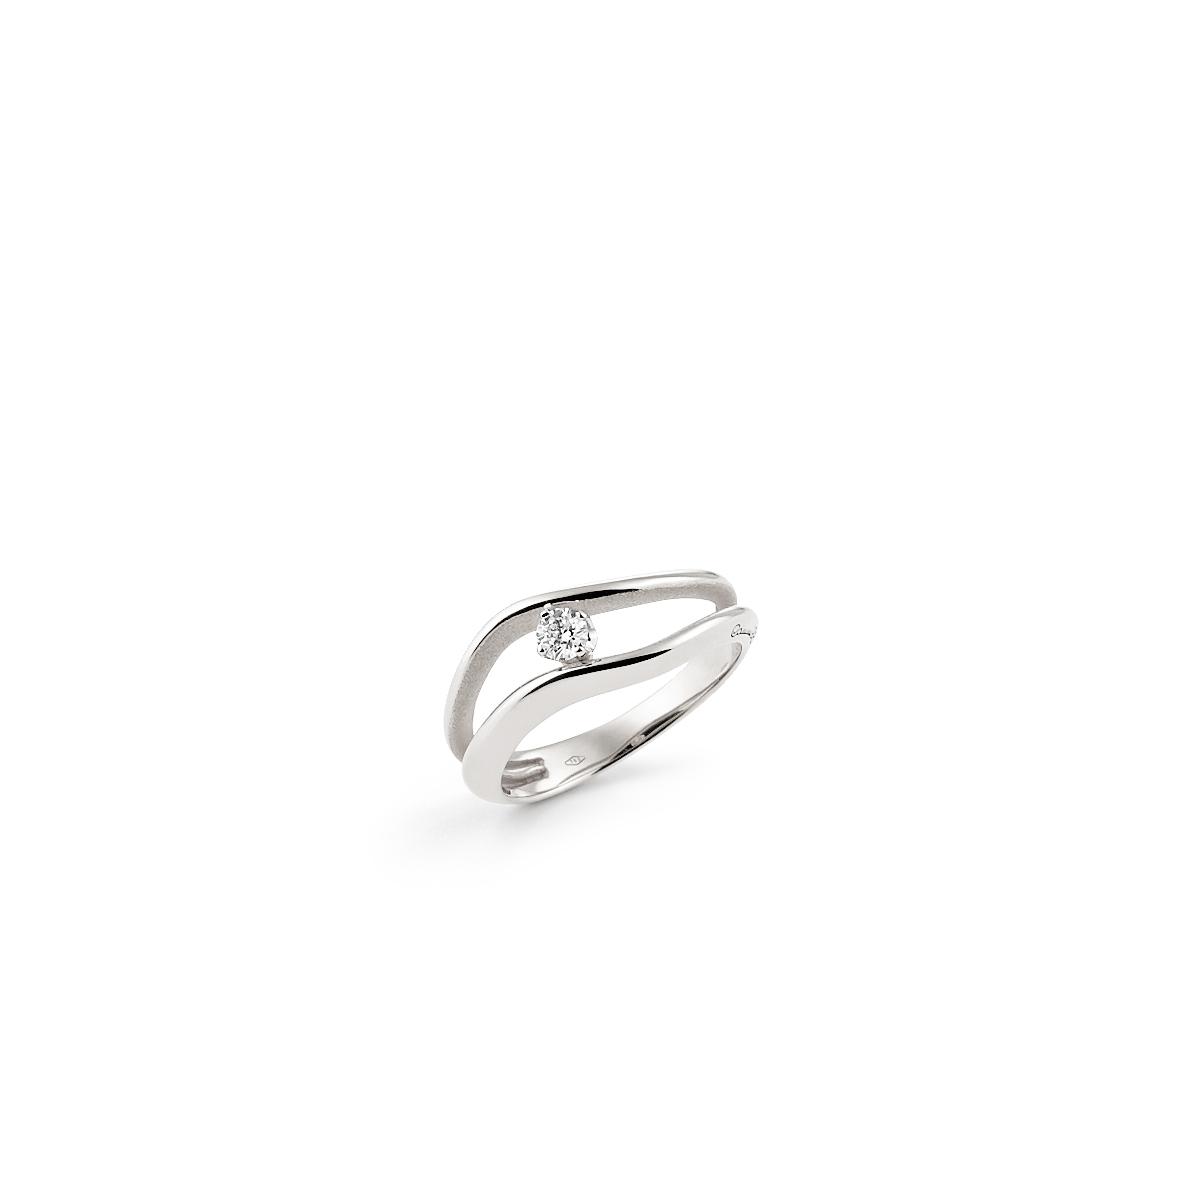 Anna Maria Cammilli 18ct White Gold And Diamond Luxor Multi Strand Ring.